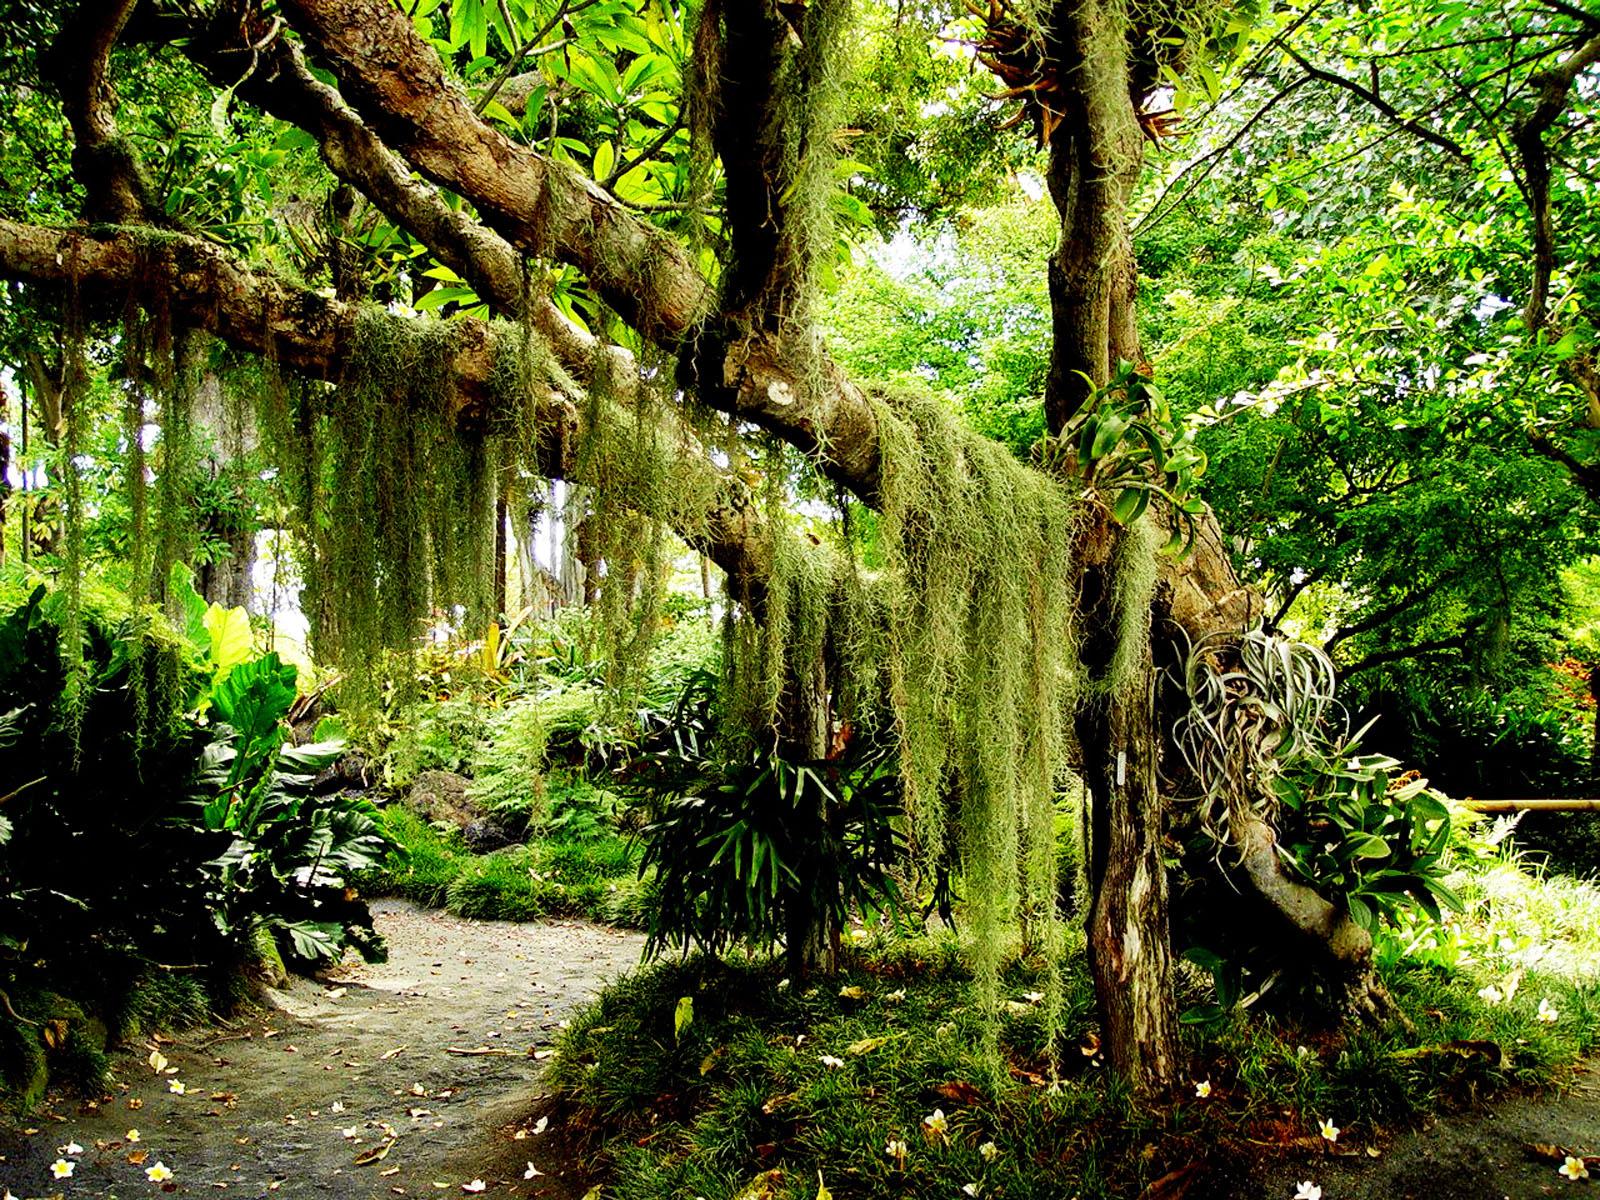 лес, мох на дереве, скачать фото, обои для рабочего стола, мощное дерево